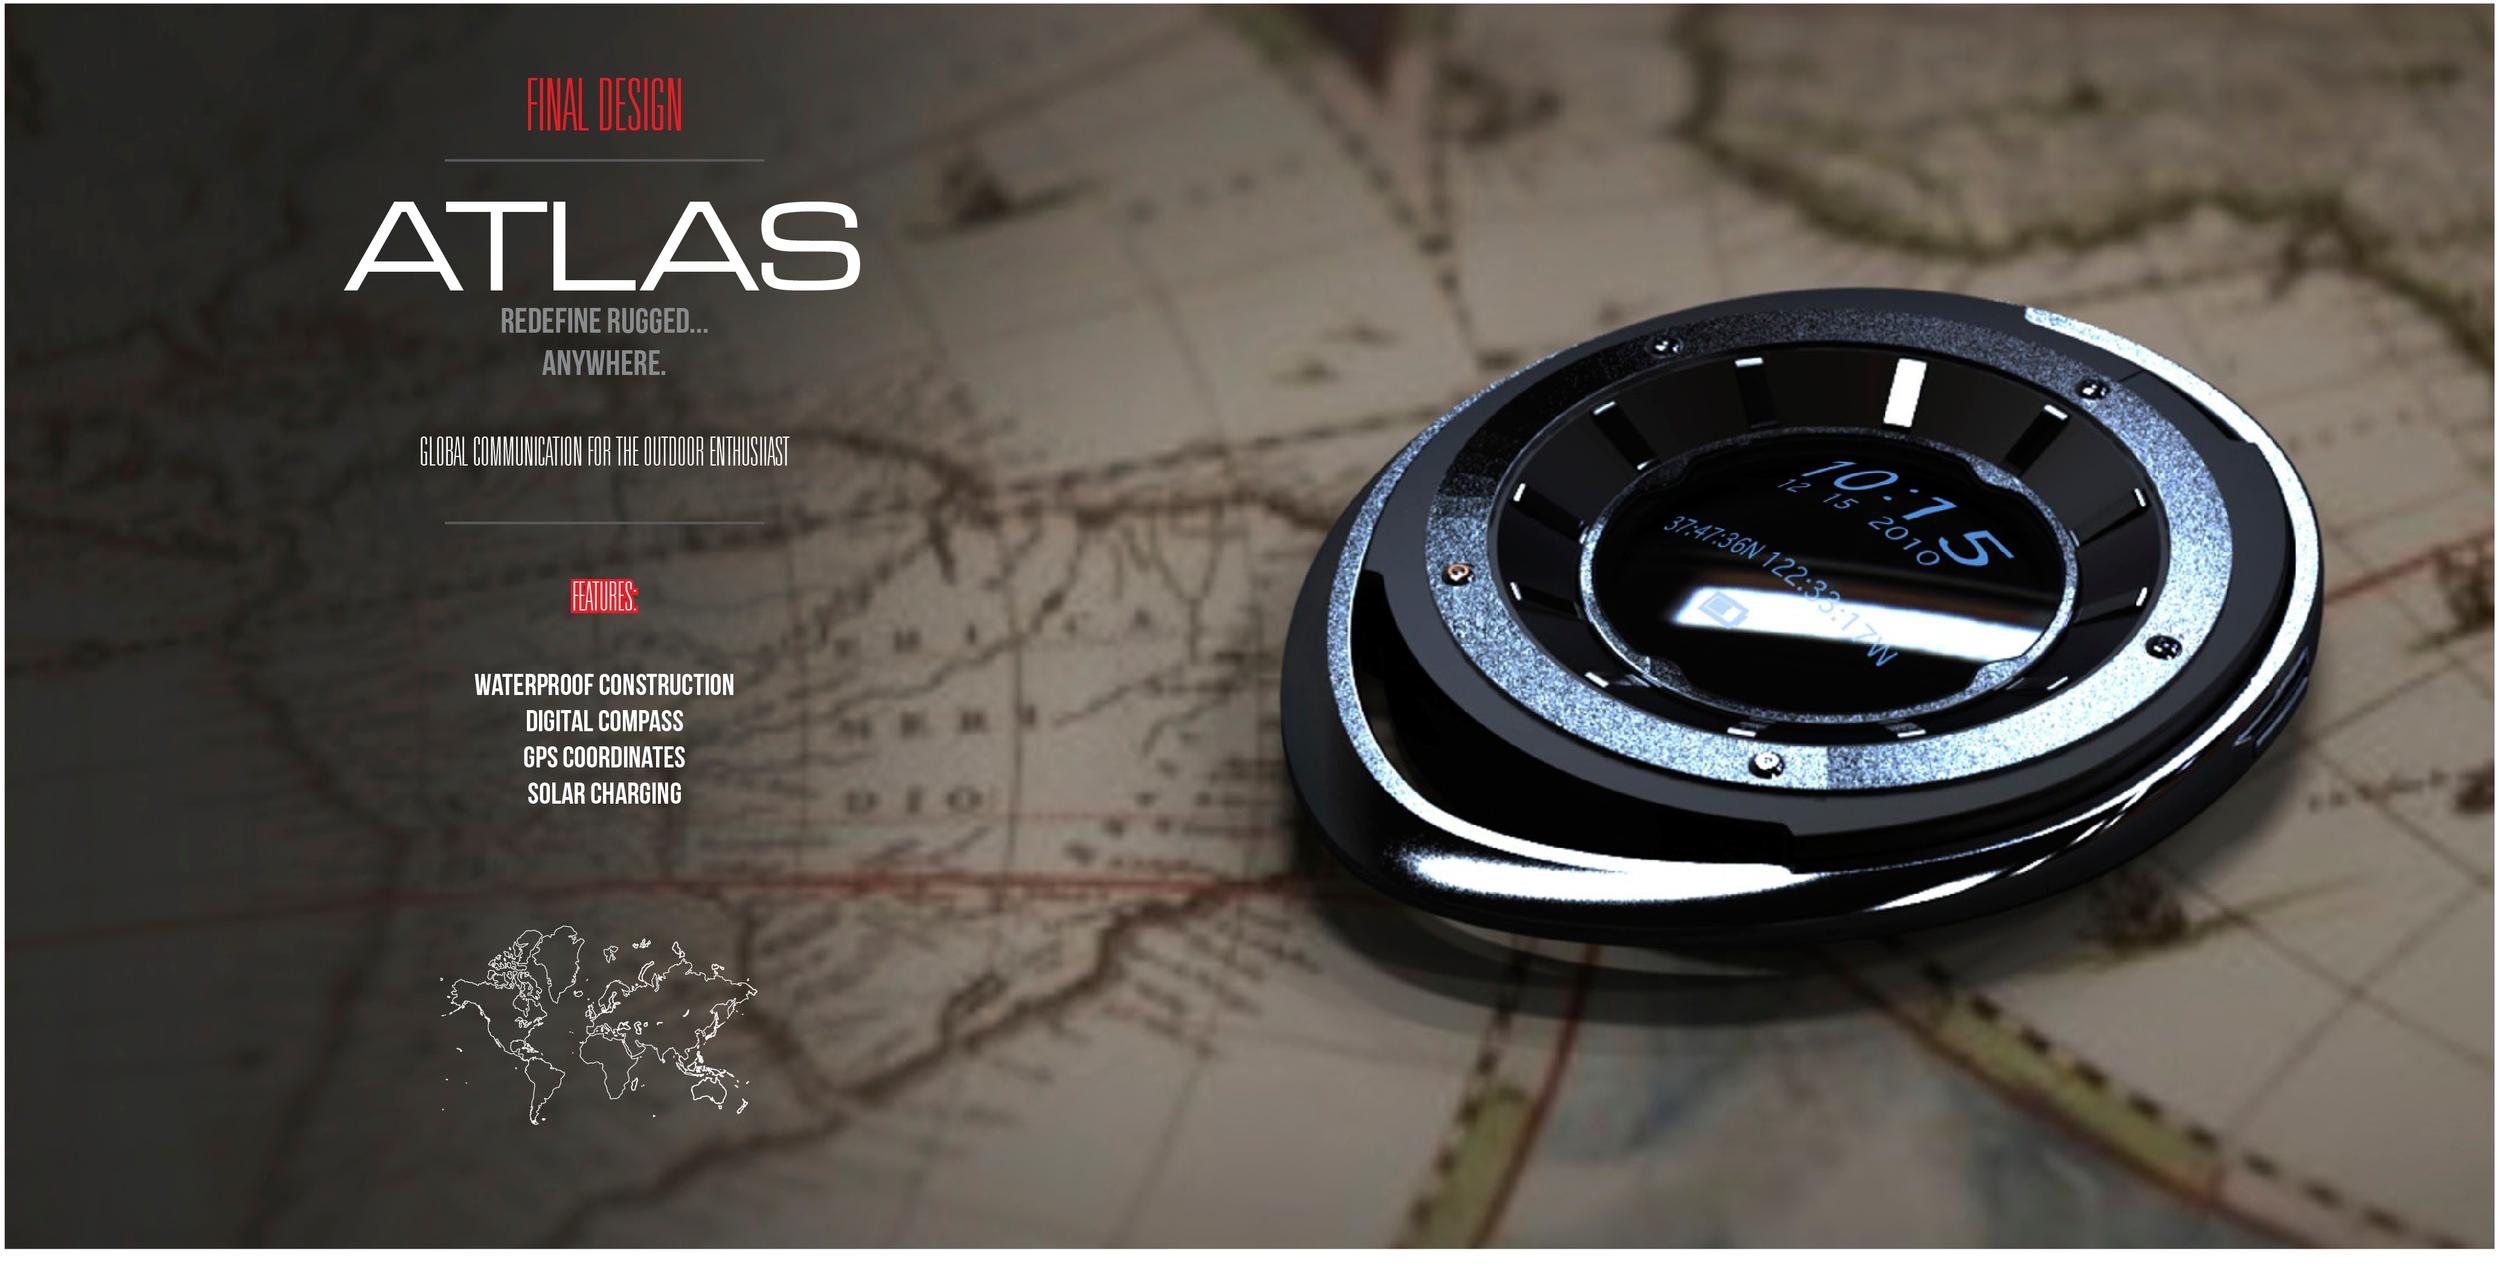 atlas1-11.png